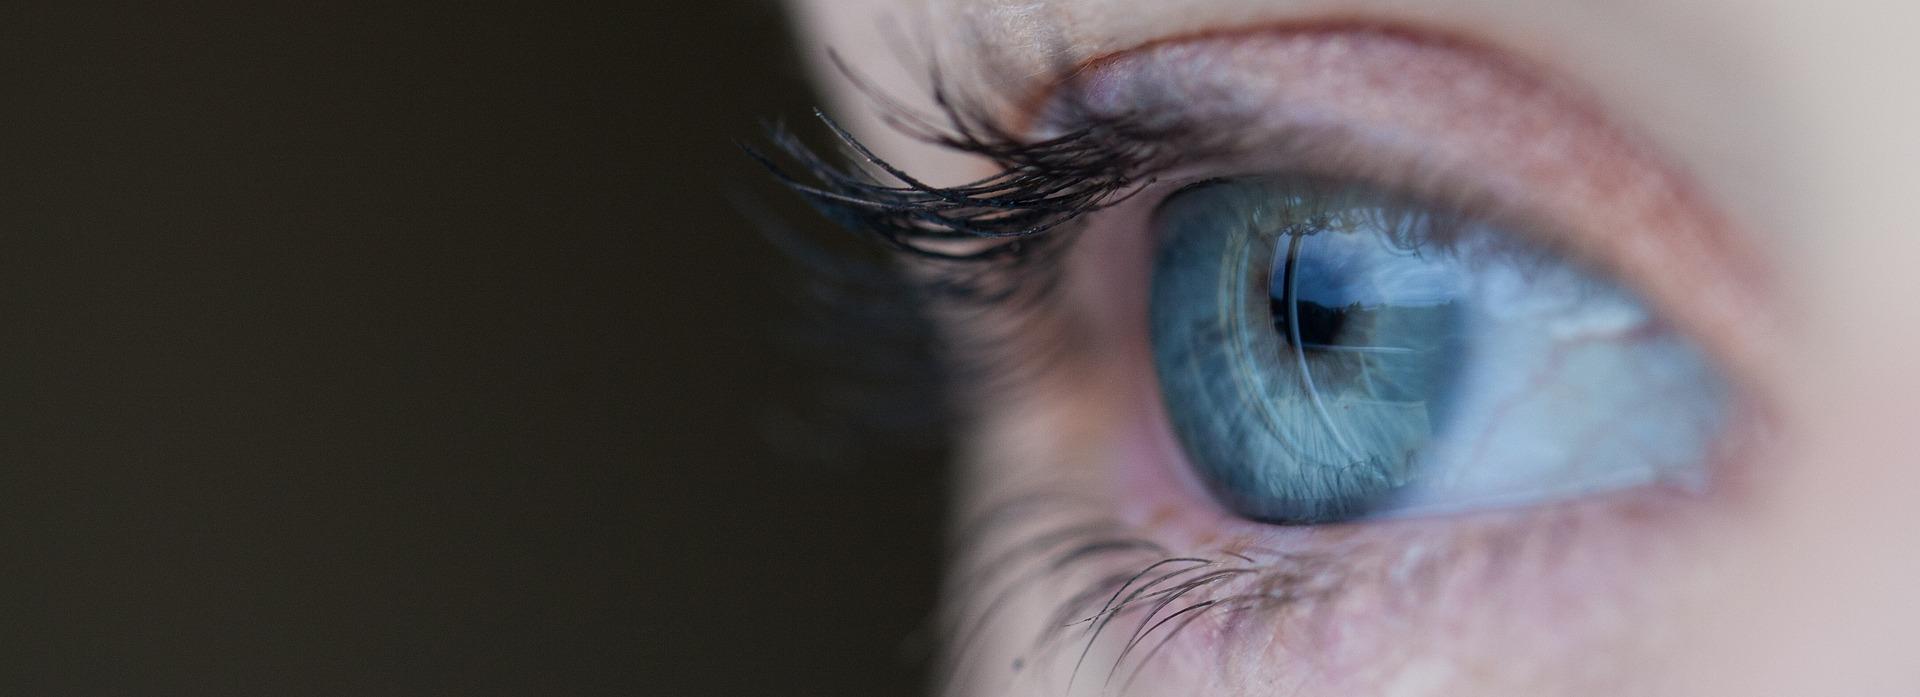 Augen in Detailaufnahme